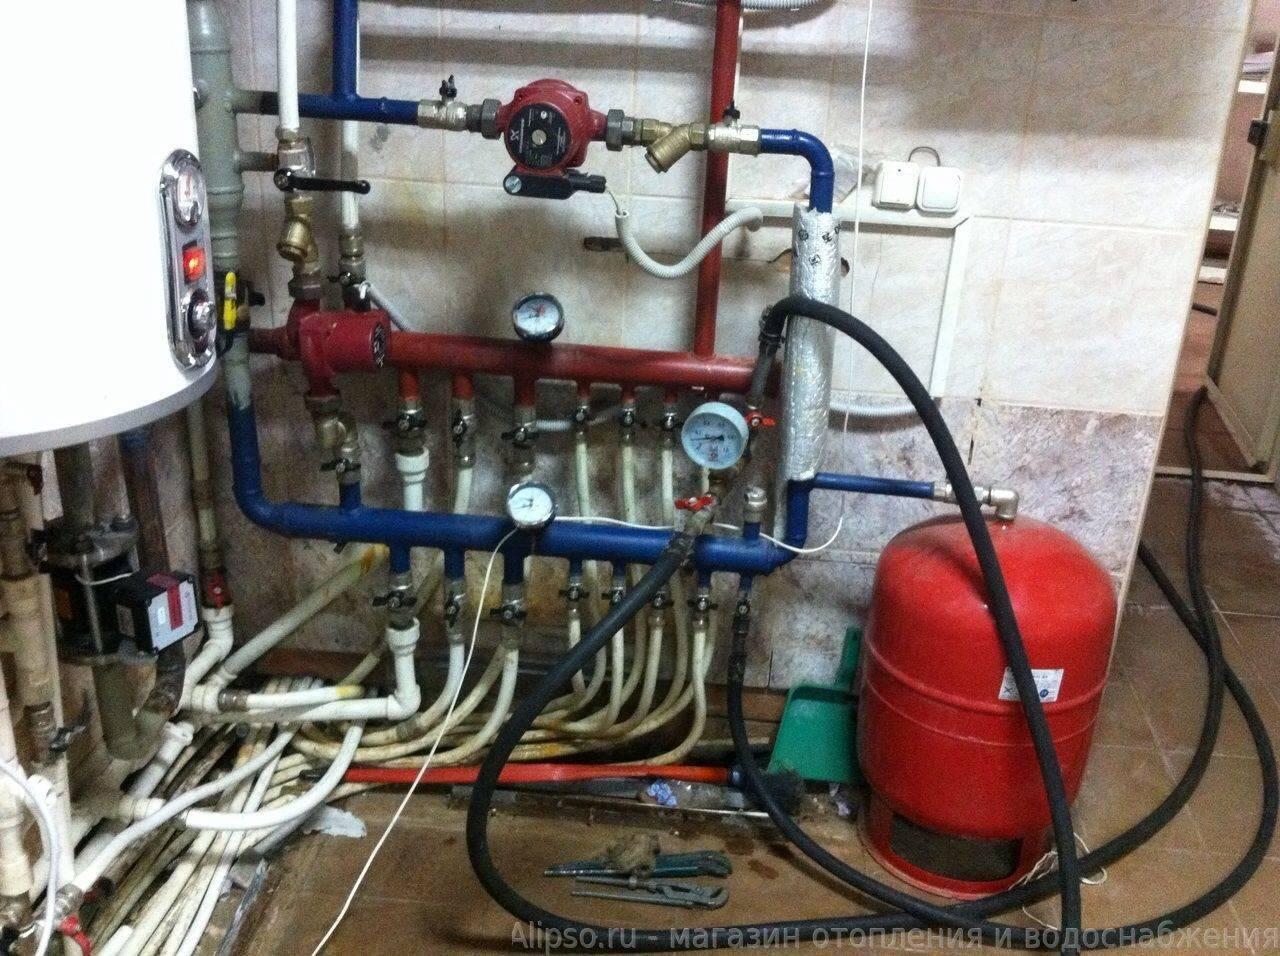 Промывка системы отопления: виды, возможности и способы применения своими руками